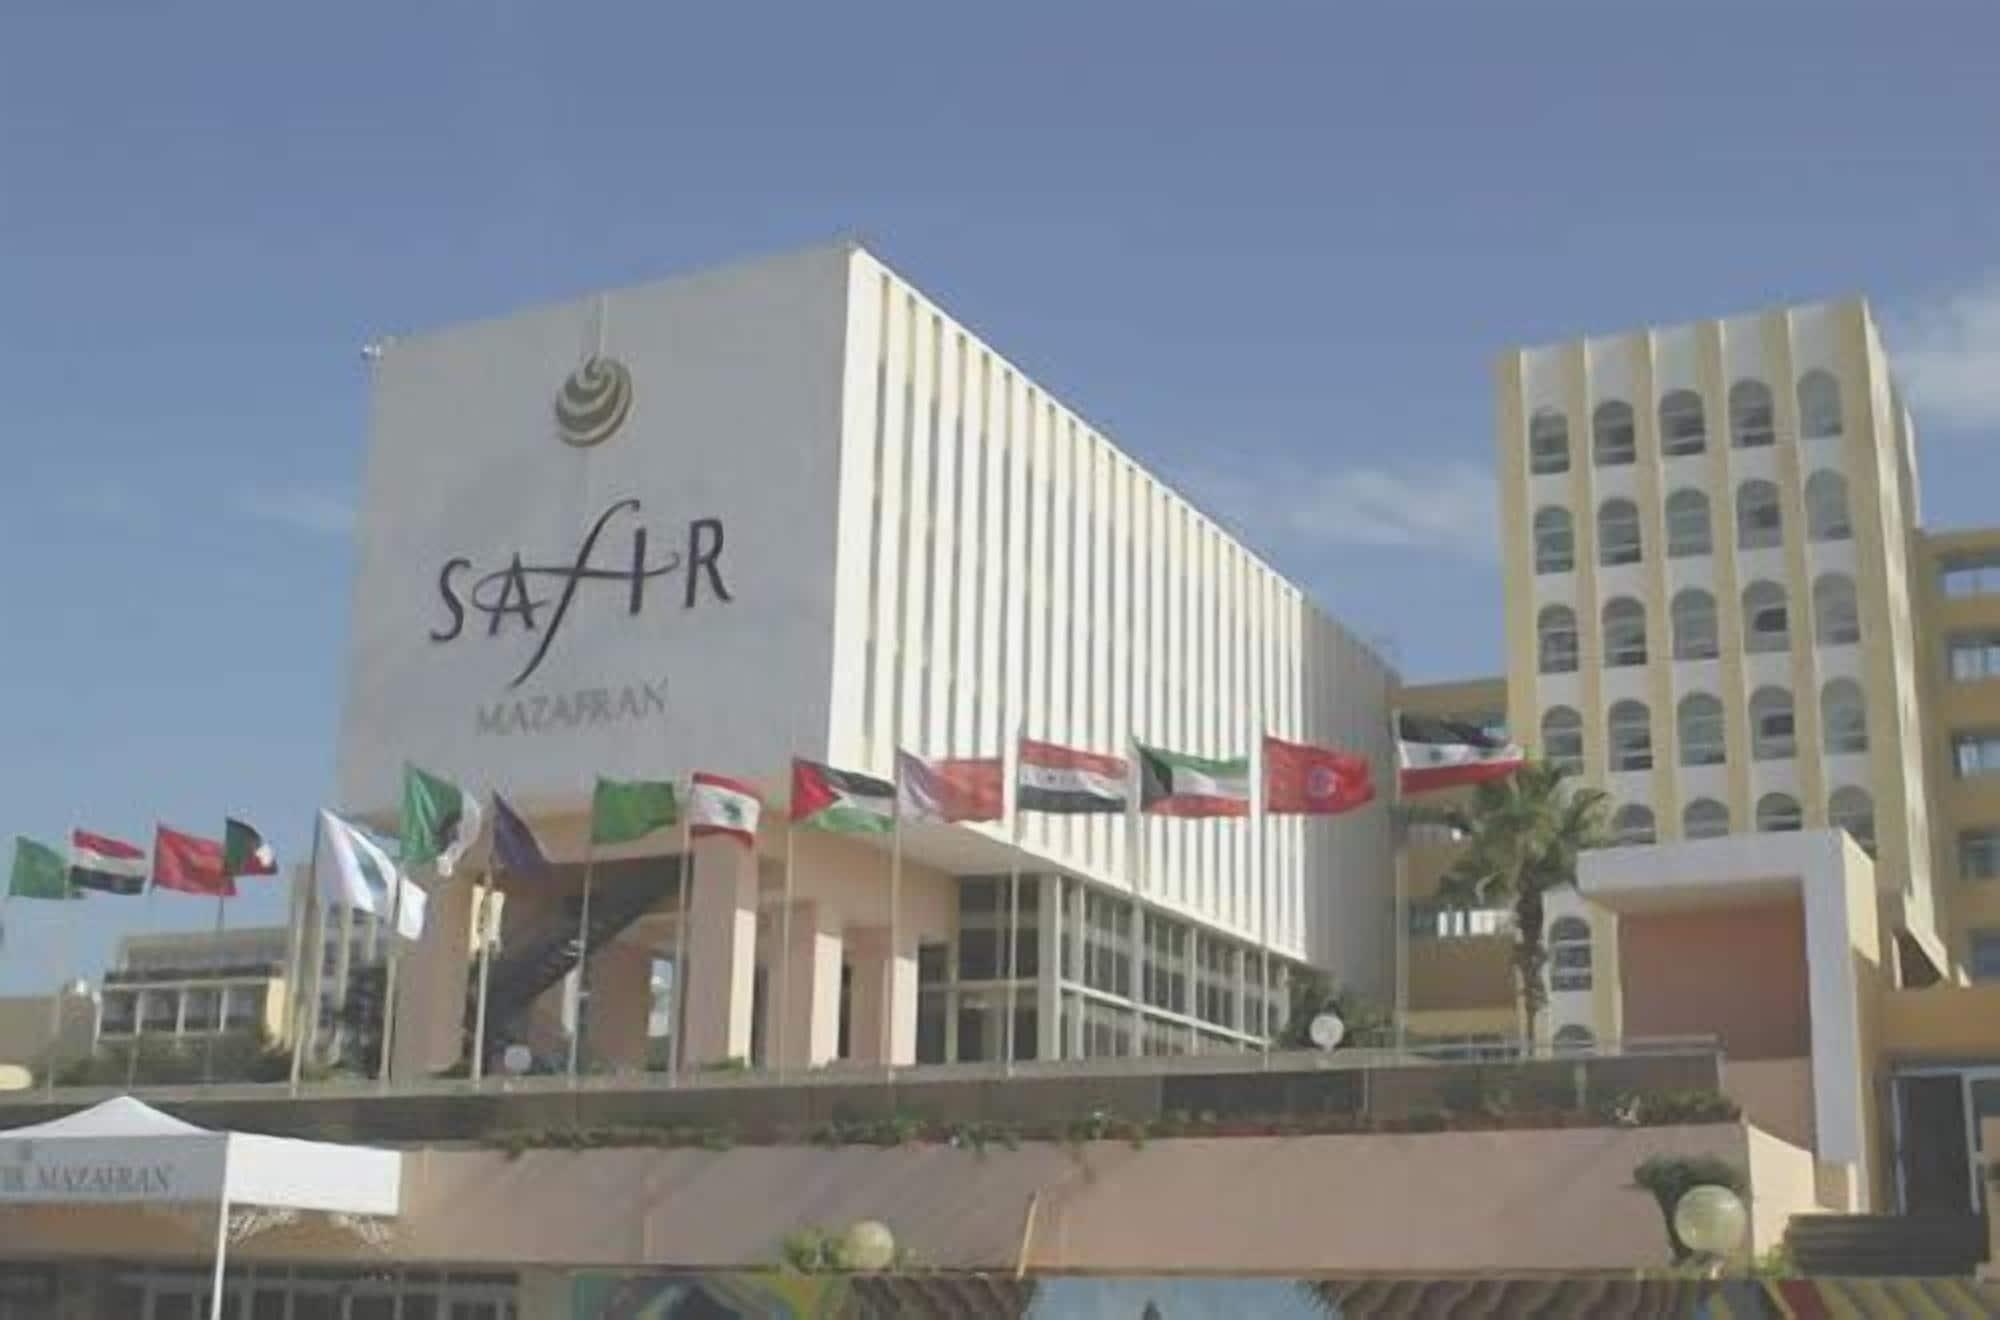 Safir Mazafran